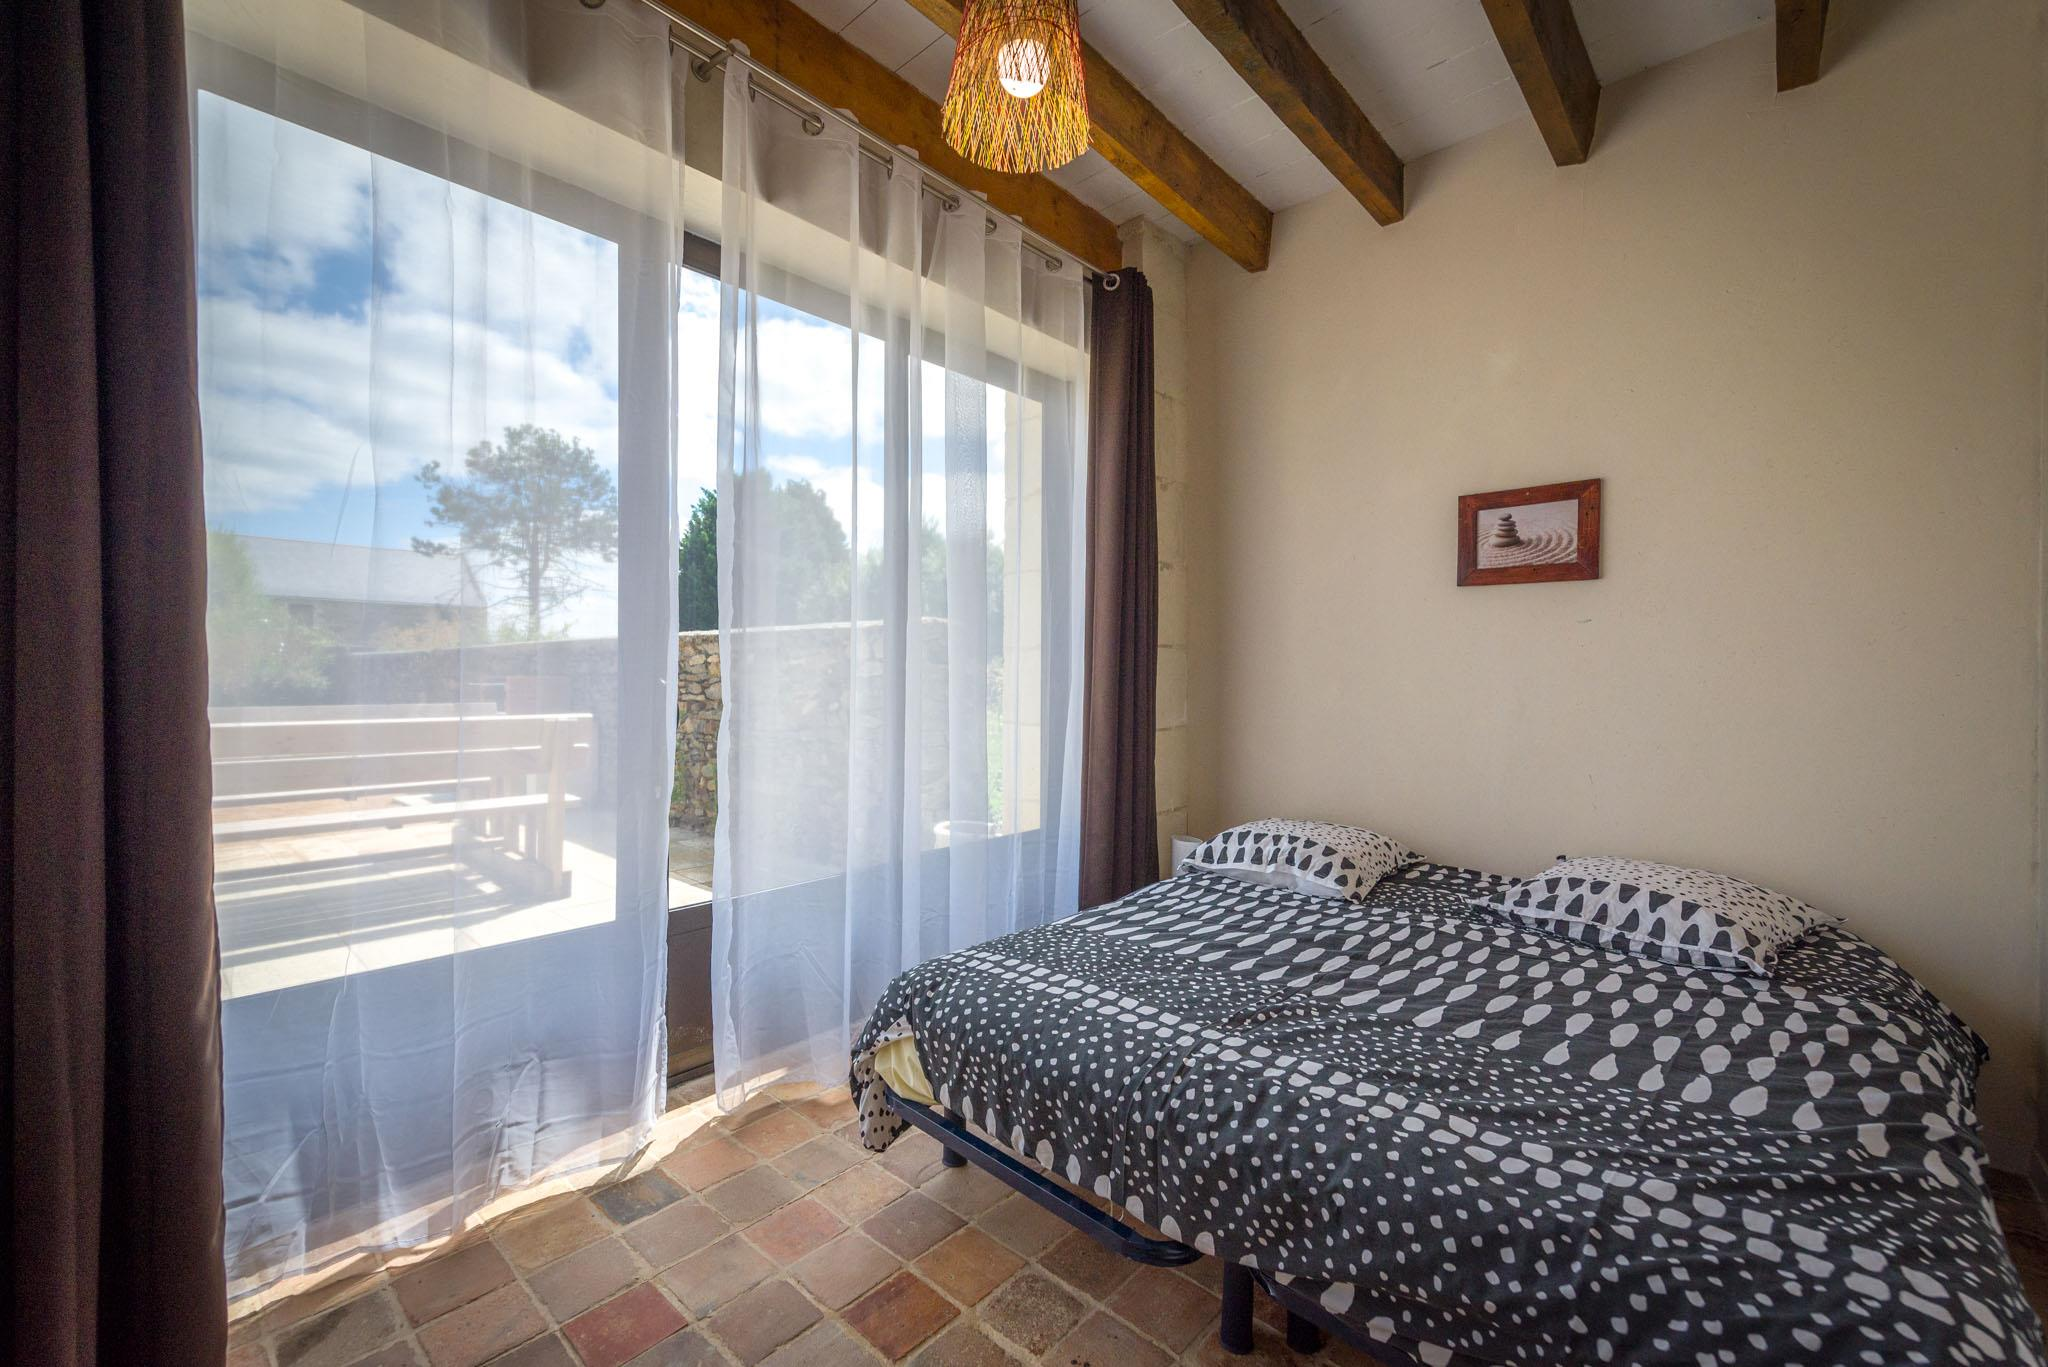 Location - Gîte 100M² (4 Chambres) - Camping Sites et Paysages Domaine de L'Étang